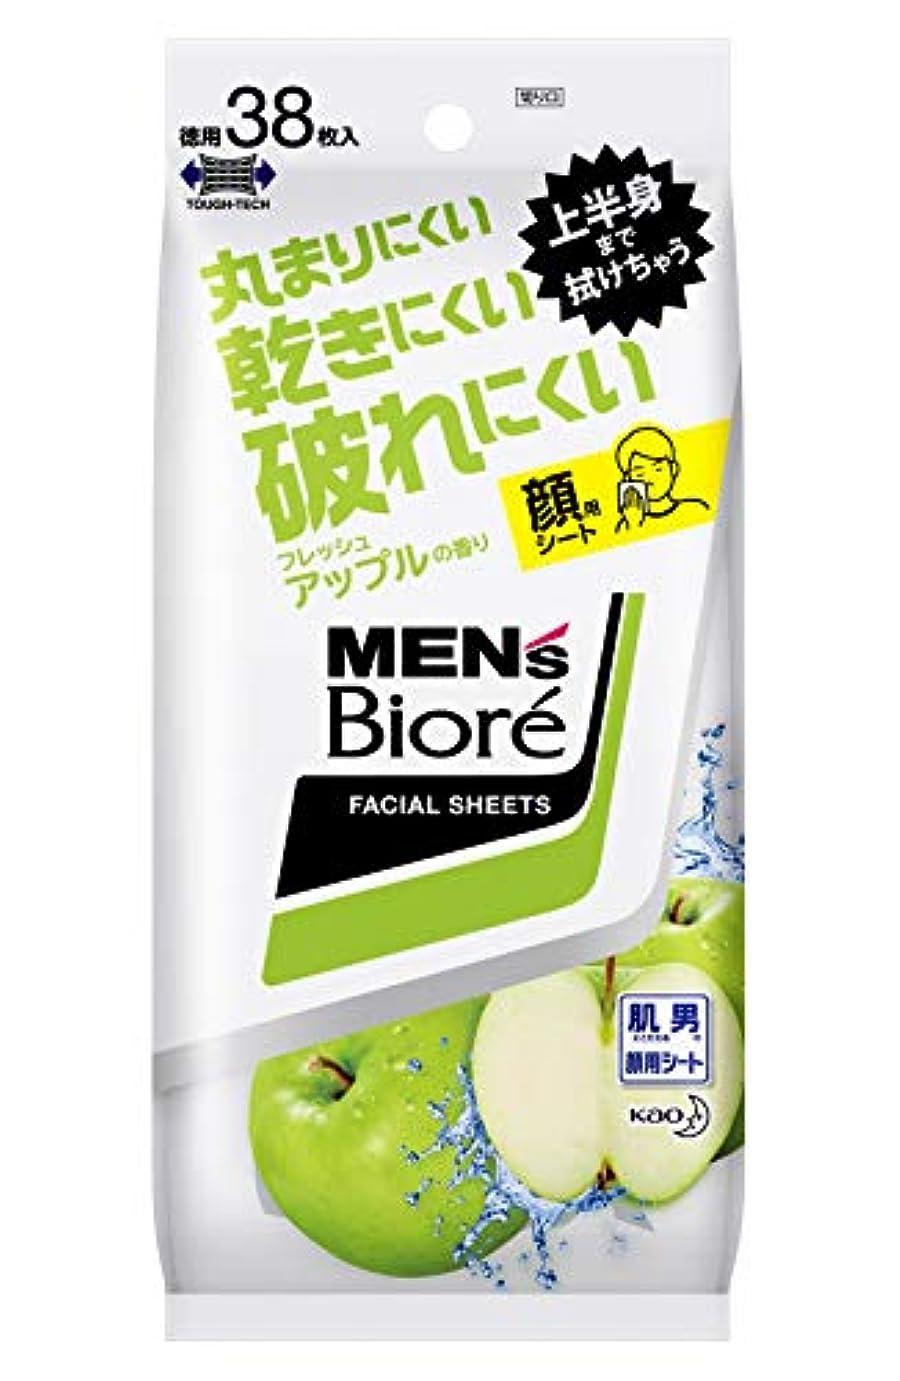 教育する触手第四メンズビオレ 洗顔シート フレッシュアップルの香り <卓上タイプ> 38枚入